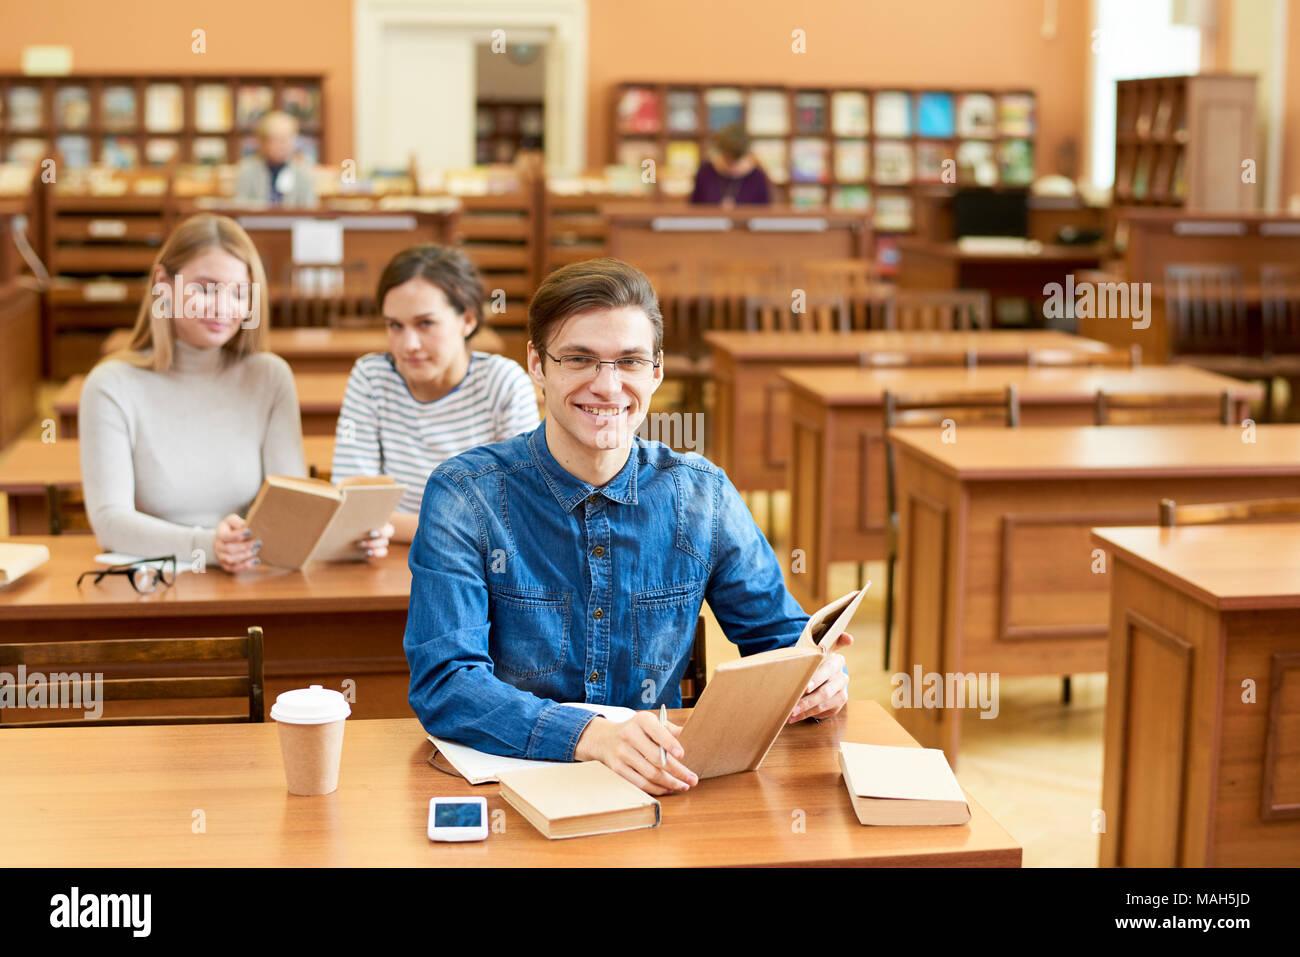 Emocionada estudiante diligente en la biblioteca Imagen De Stock